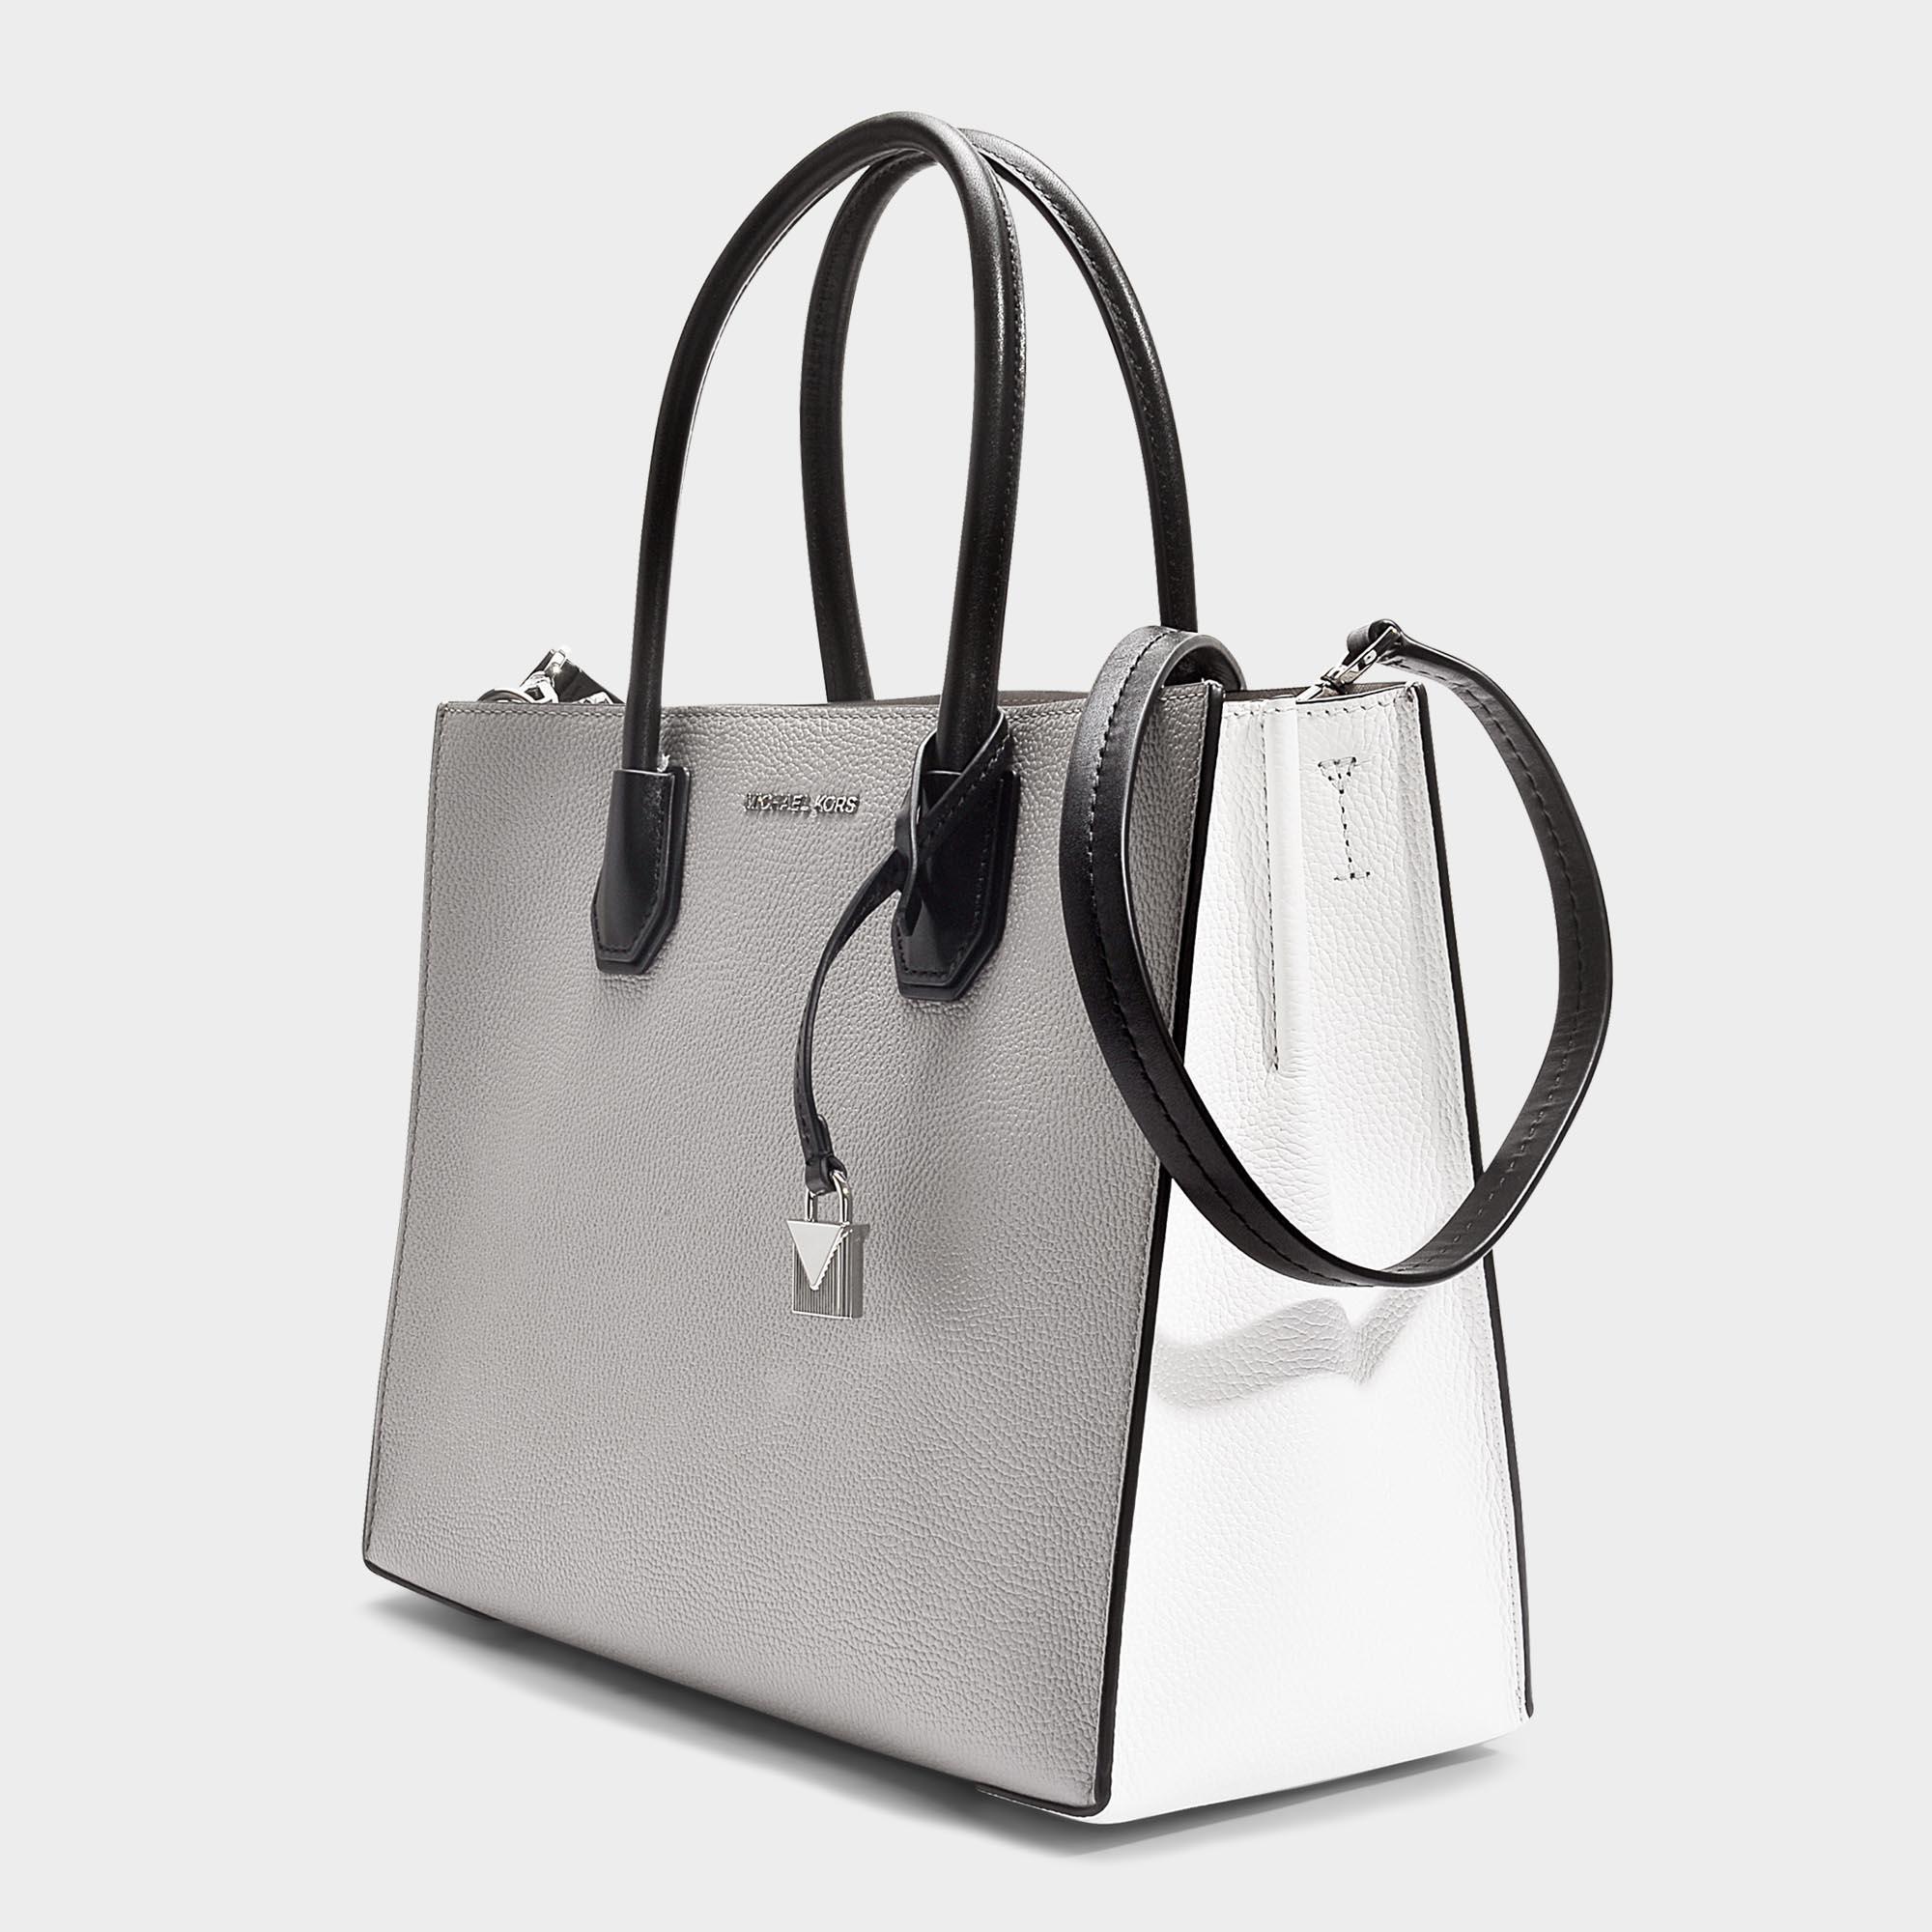 Grand sac cabas mercer convertible en cuir grainé gris perle, blanc et noir